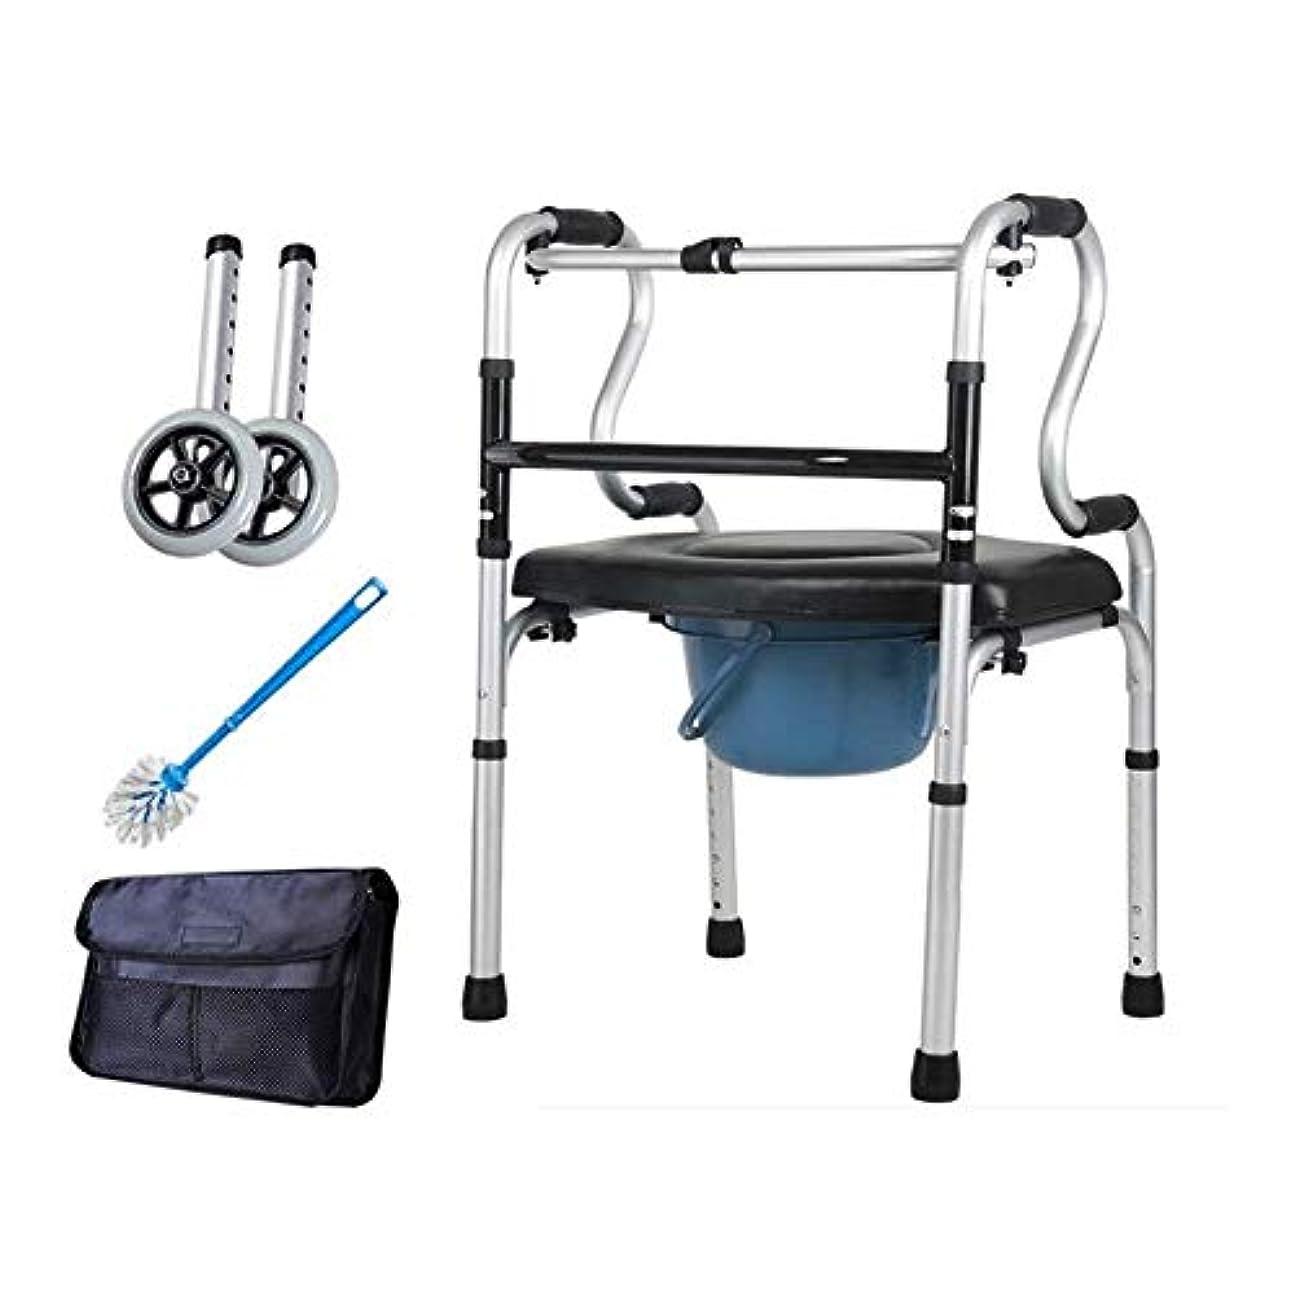 花婿満了弱まる軽量アルミニウム歩行トロリー、折りたたみ式調節可能な歩行装置、便器付き防水ソフトシート、キャリーバッグ